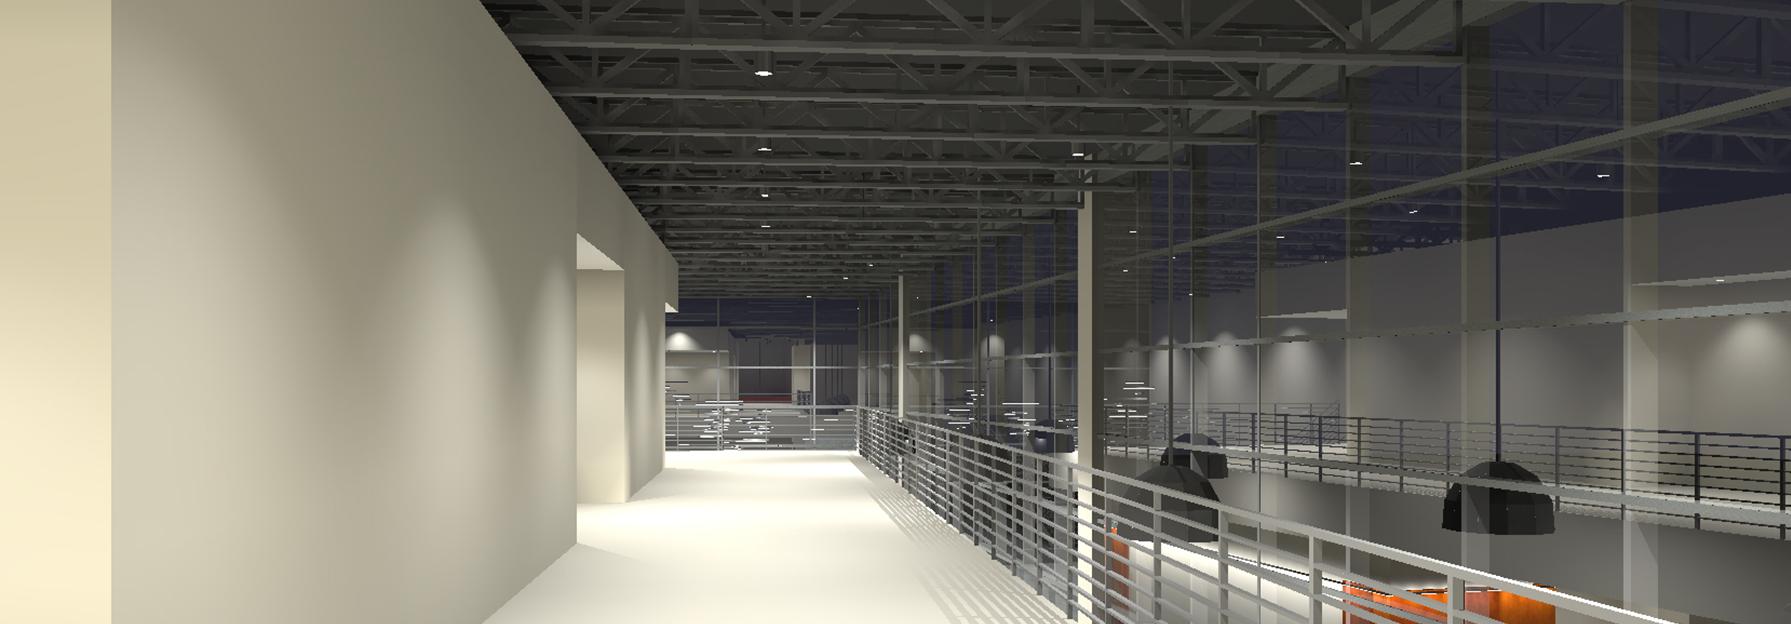 Lighting Analysts - Illumination Engineering Software